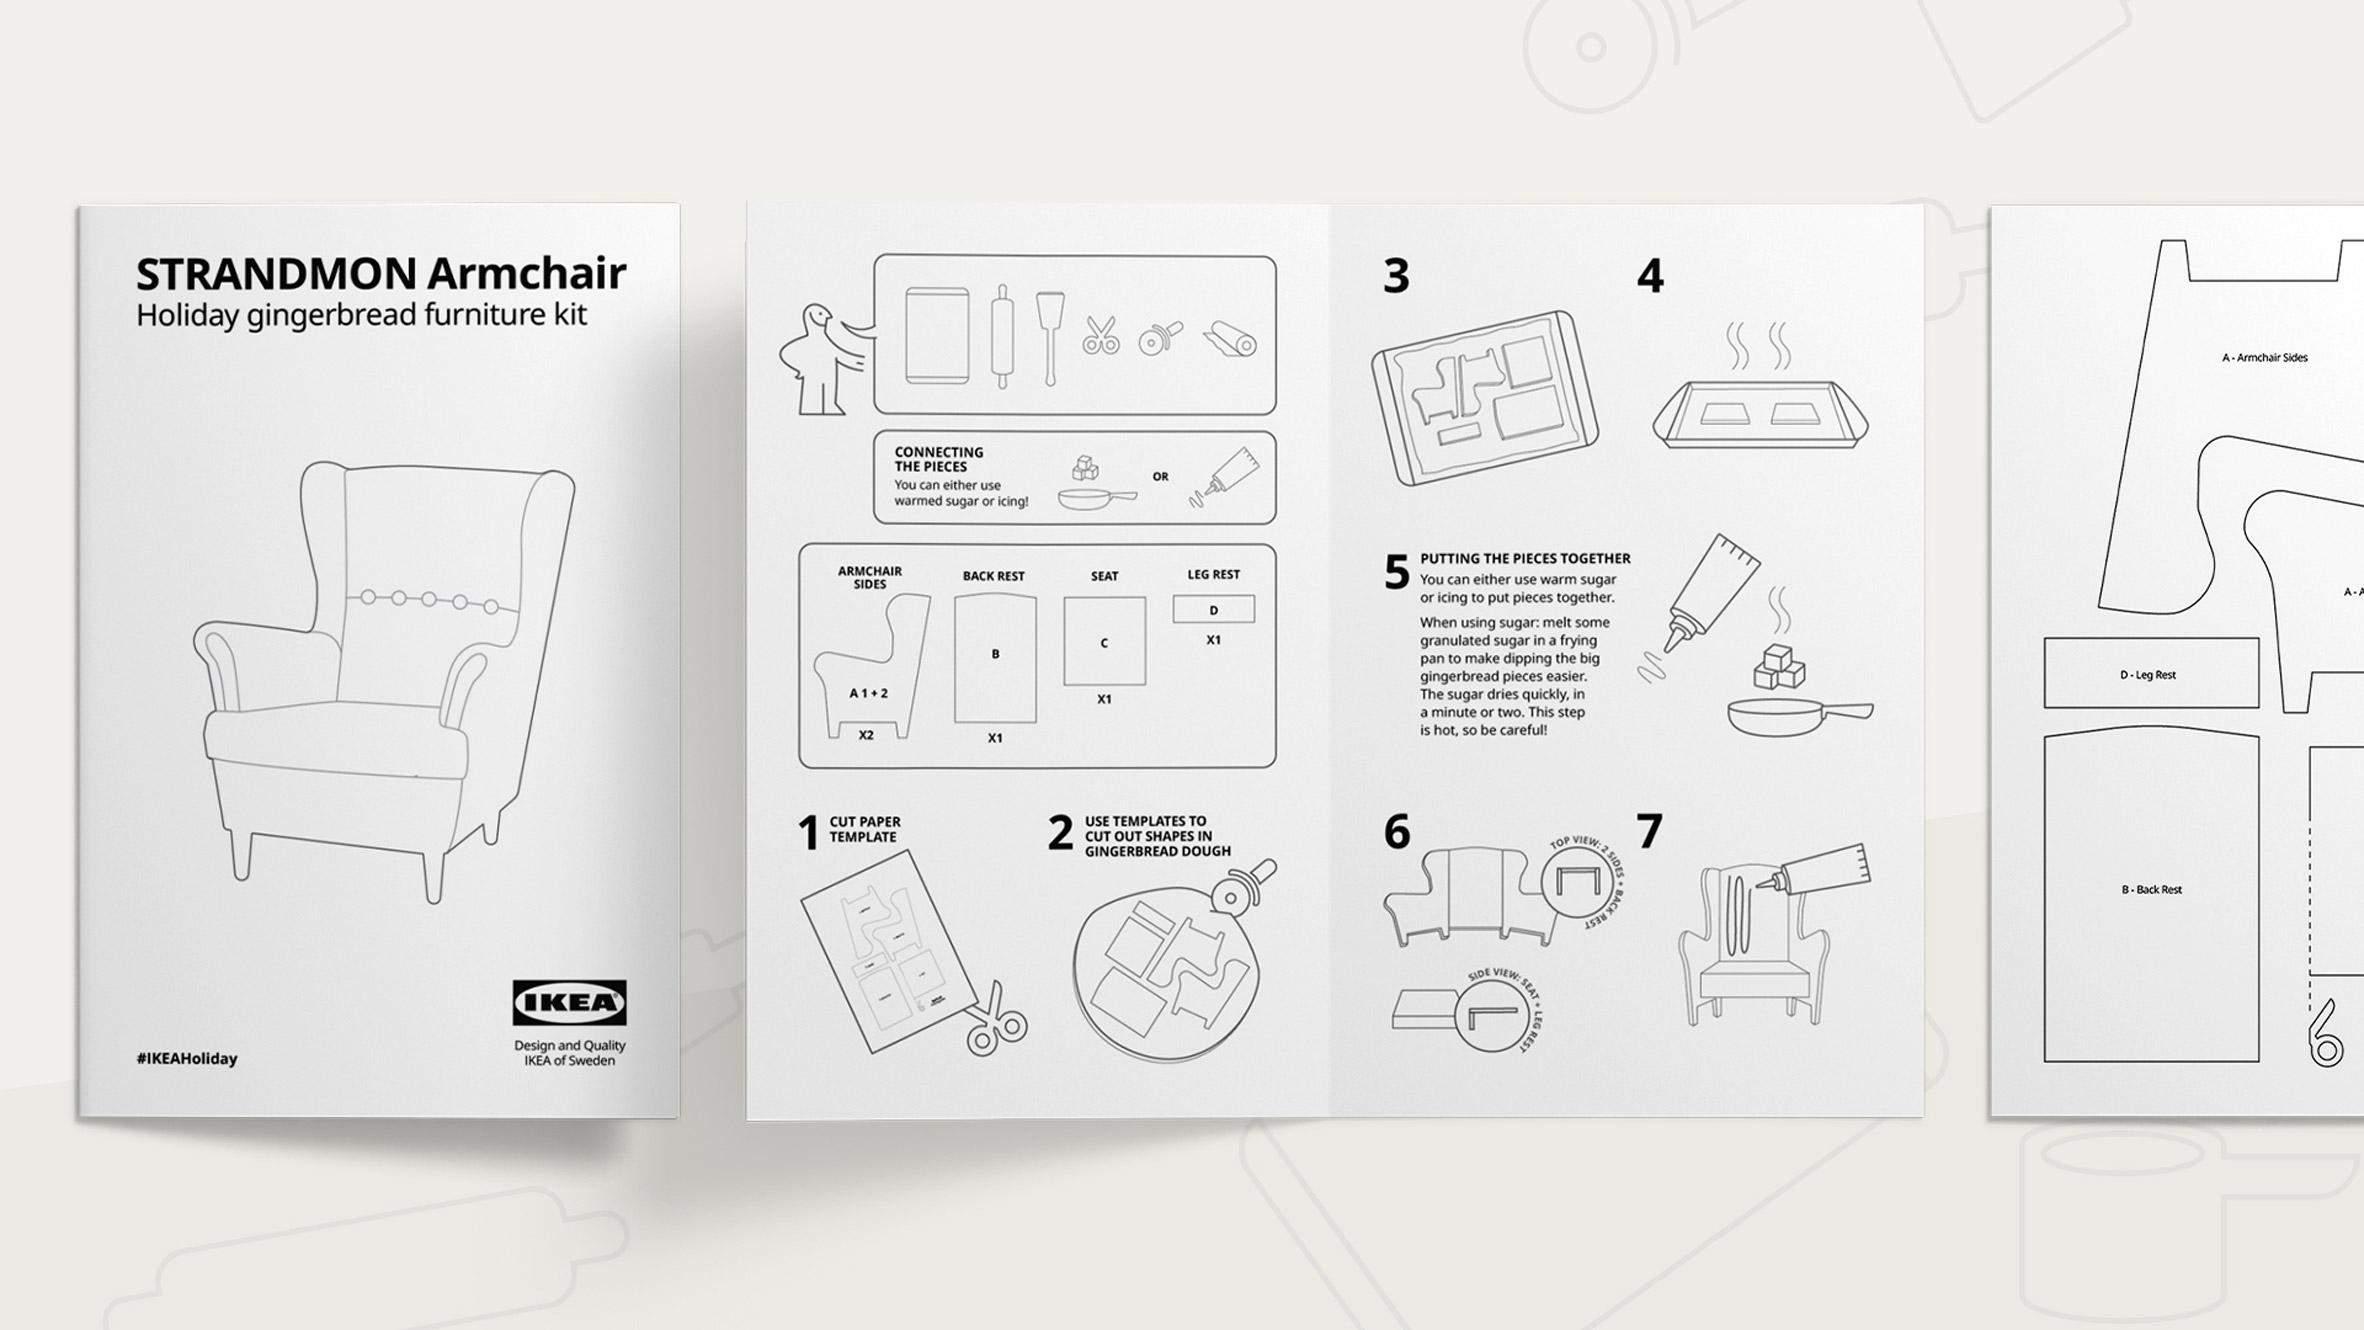 Інструкція до печива виконана в загальній стилістиці IKEA